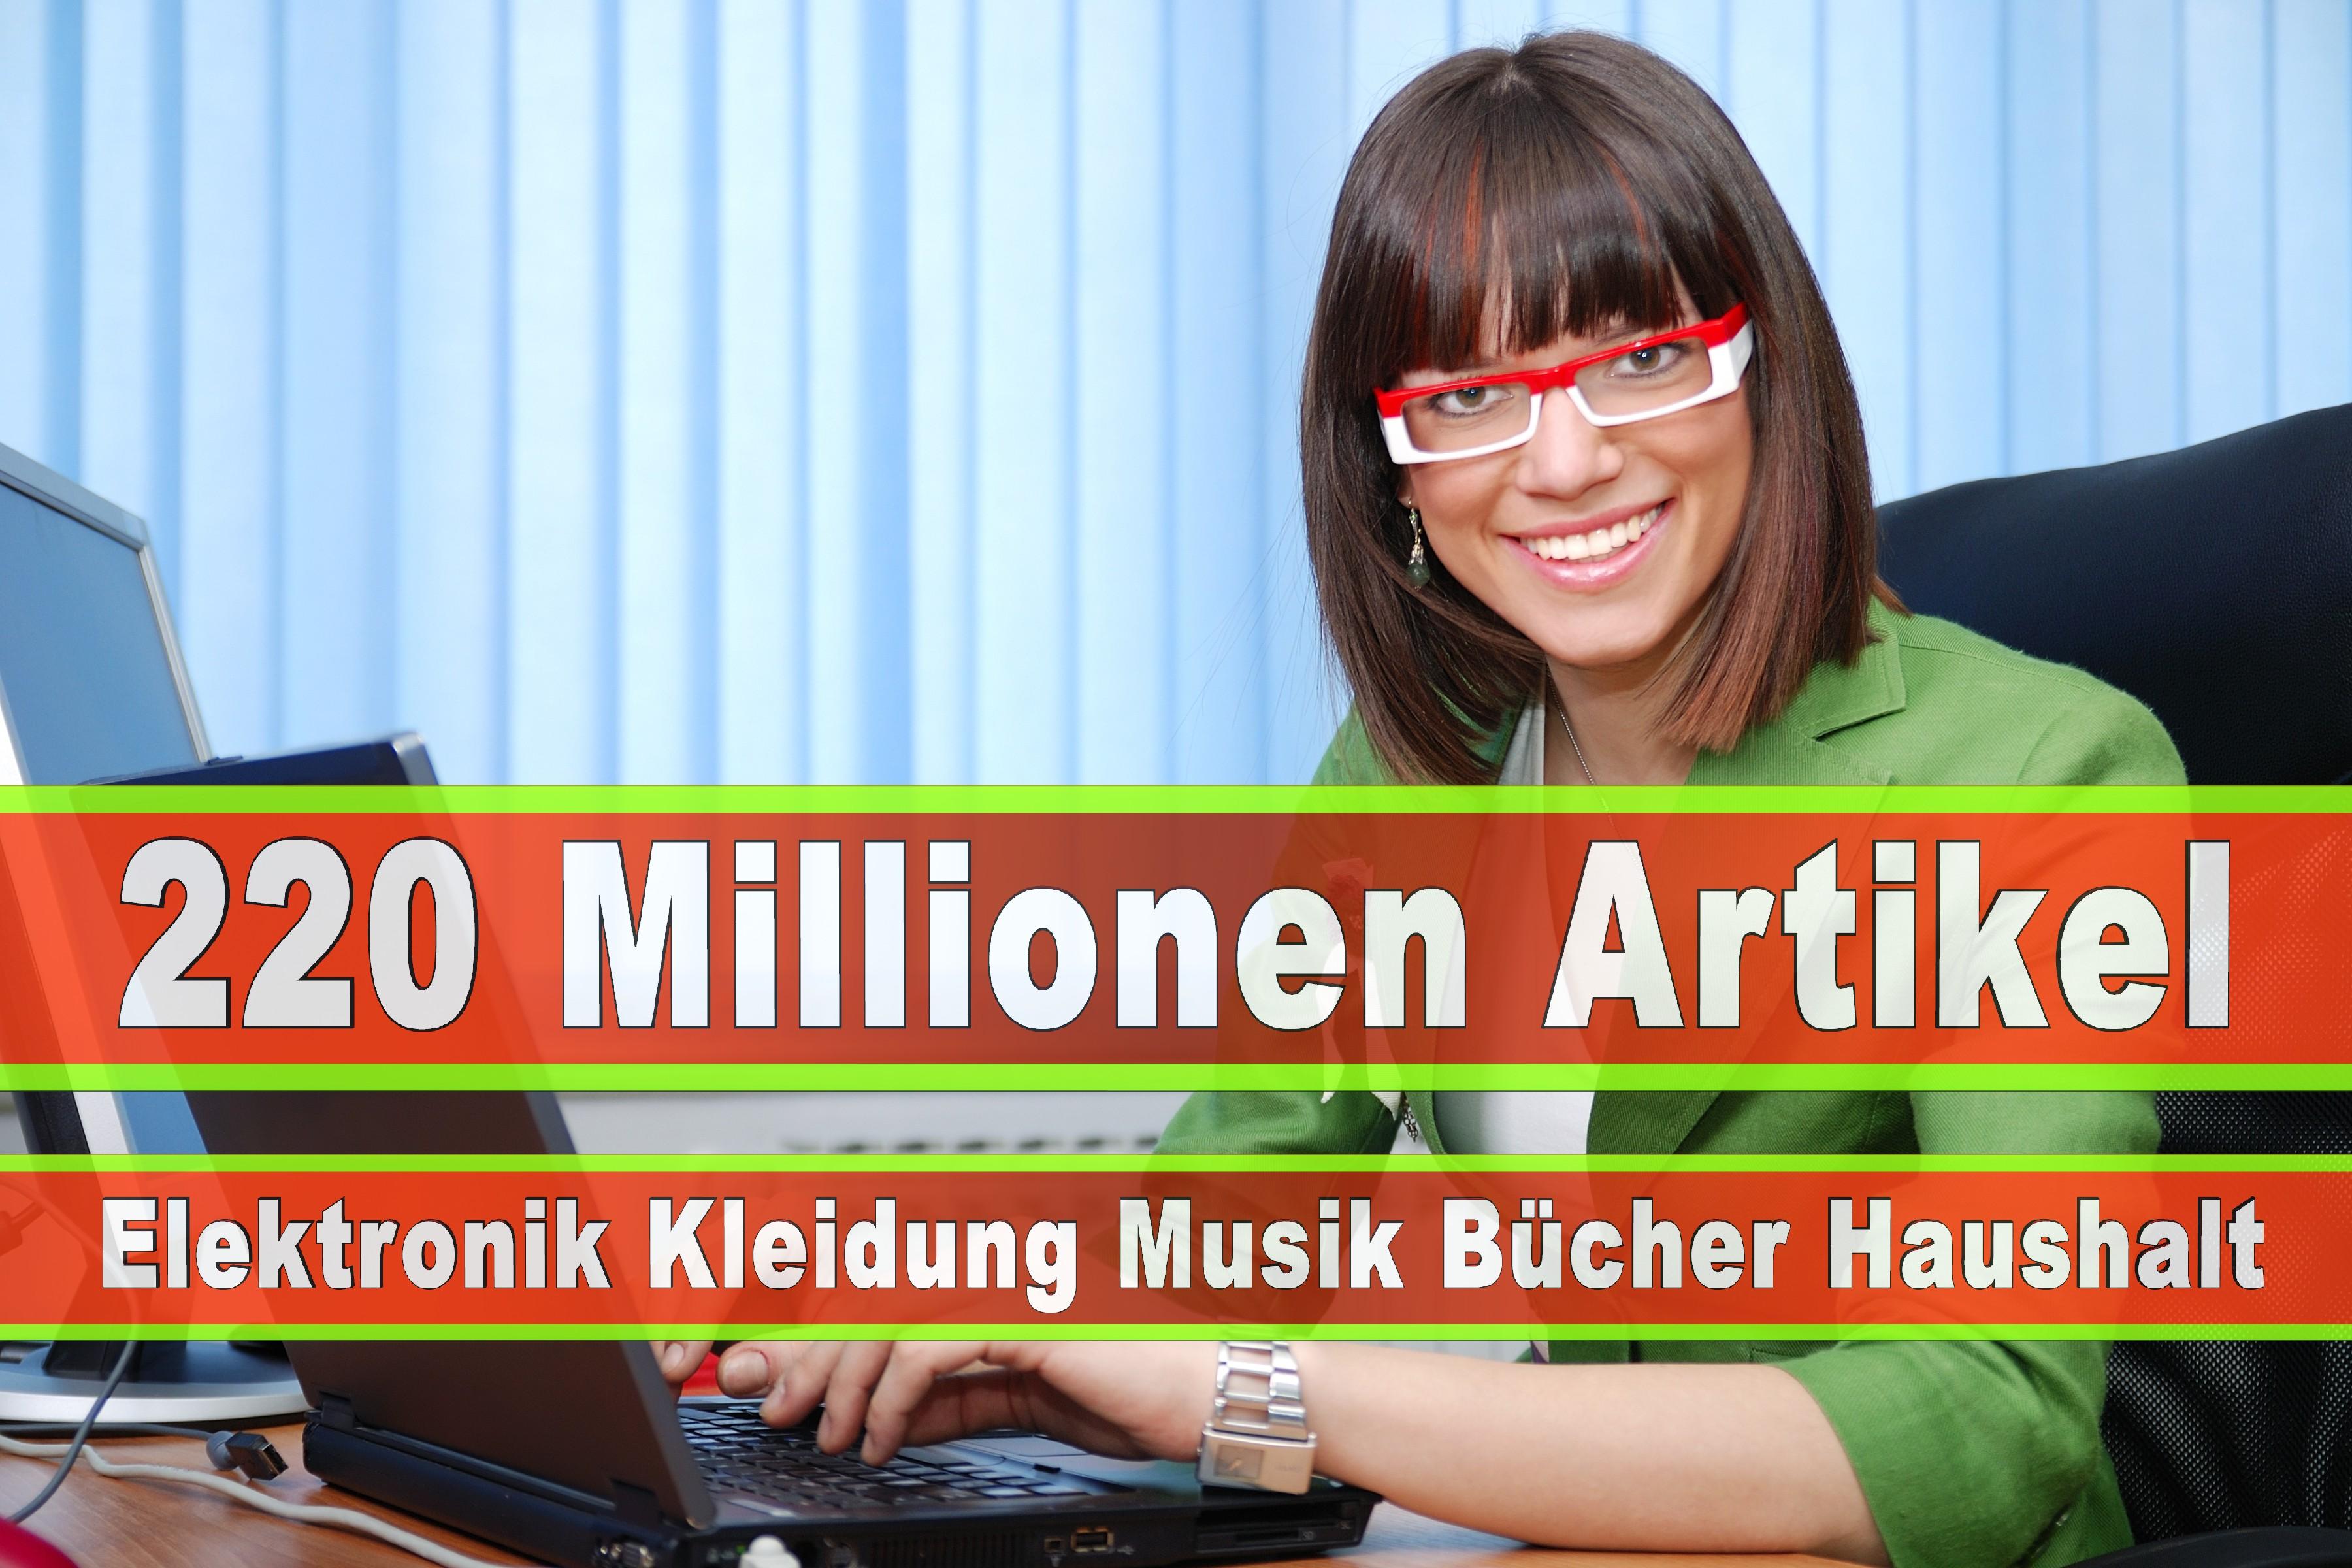 Amazon Elektronik Musik Haushalt Bücher CD DVD Handys Smartphones TV Television Fernseher Kleidung Mode Ebay Versandhaus (88)